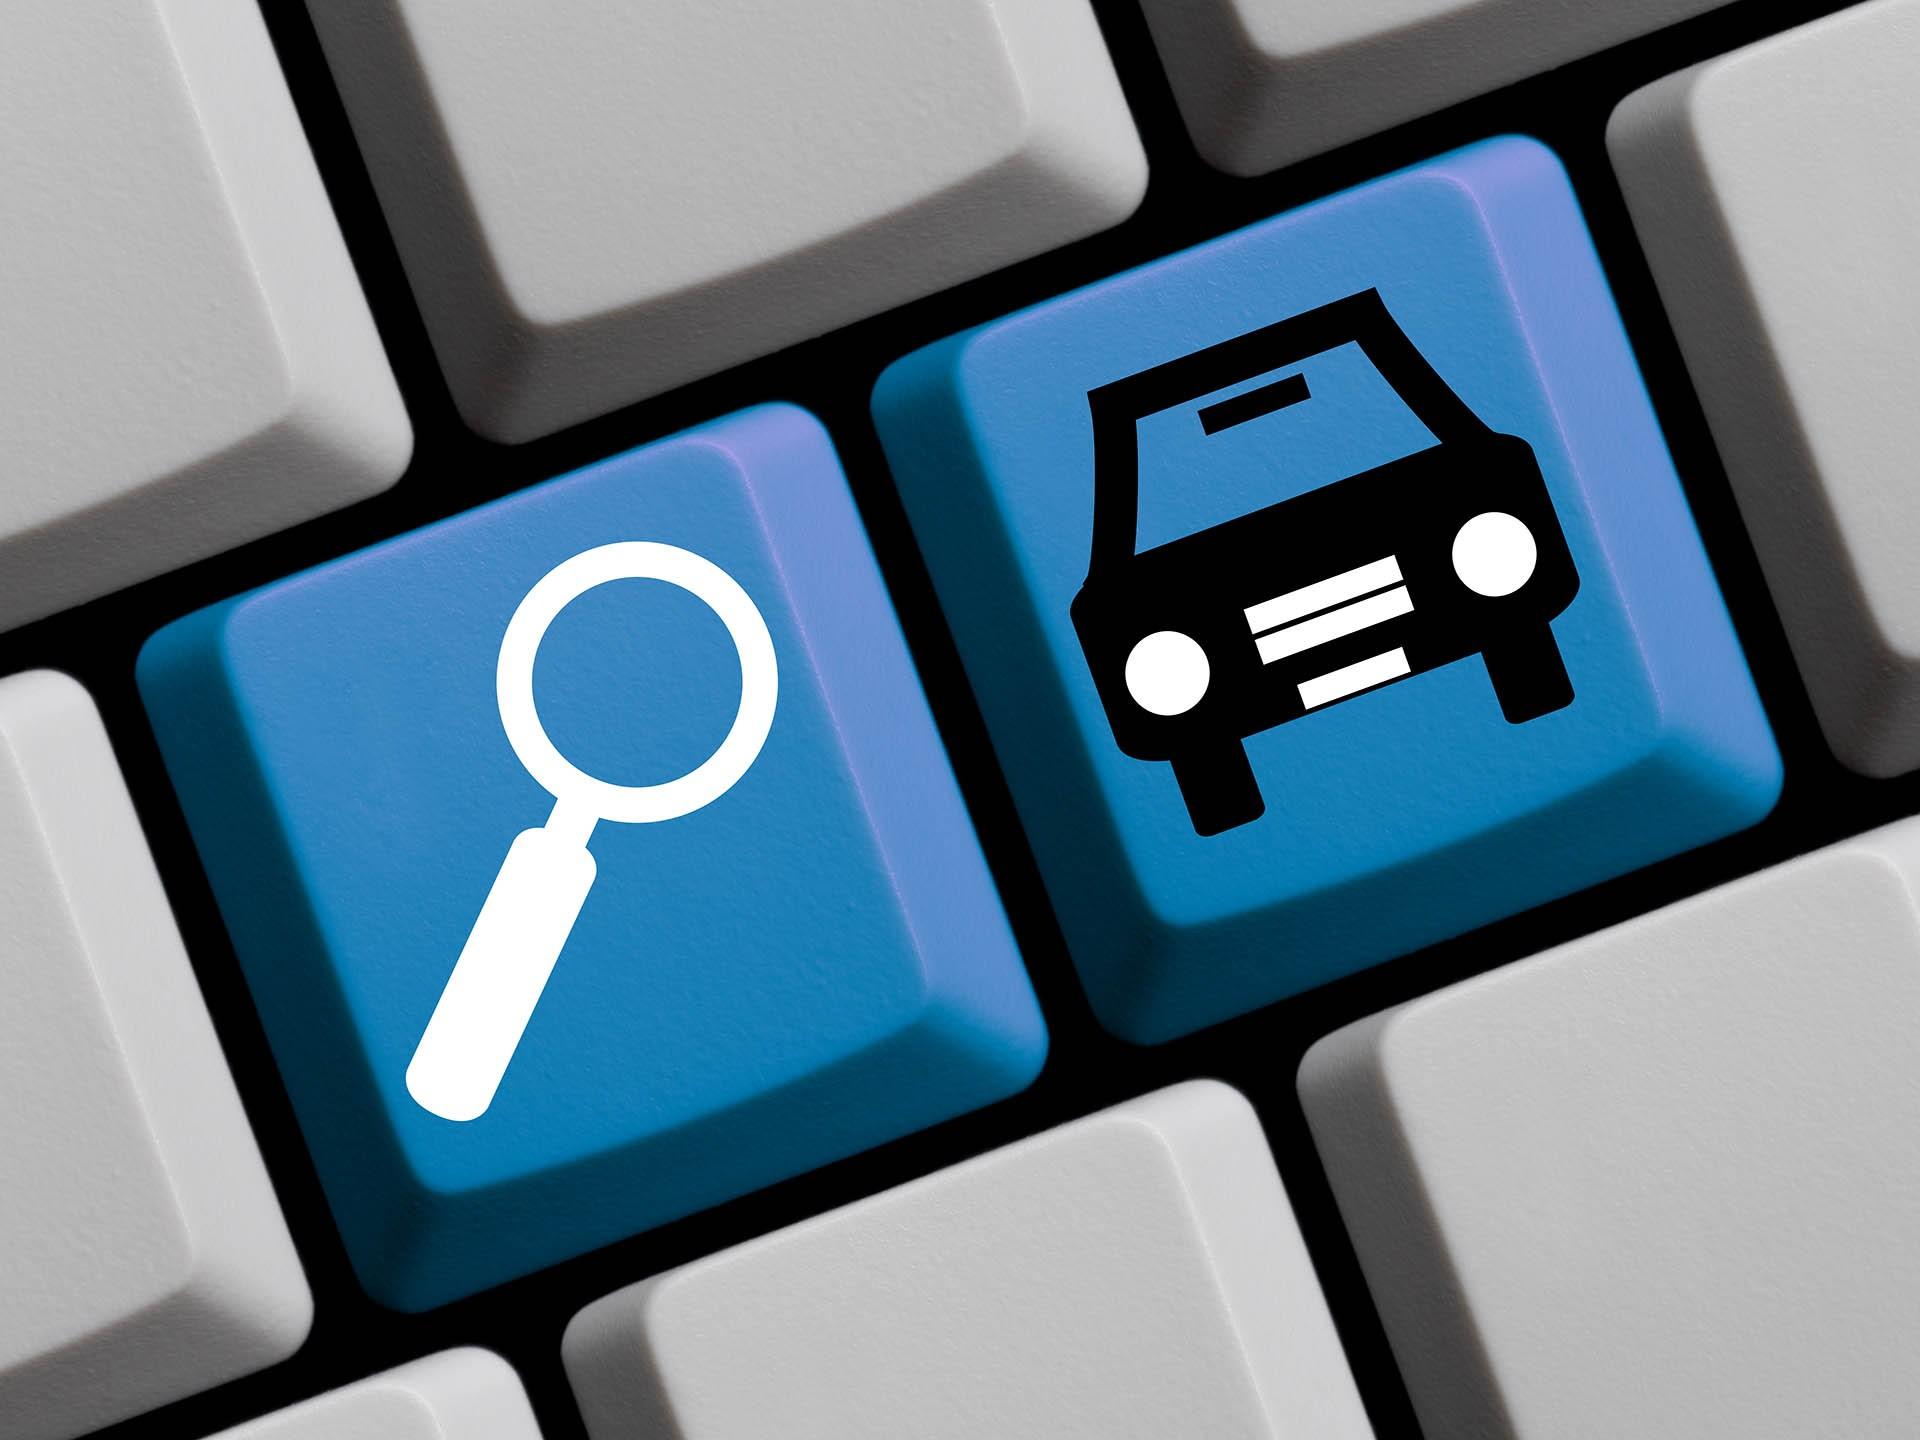 Авито Авто запустил сервис онлайн-бронирования автомобилей от частных продавцов